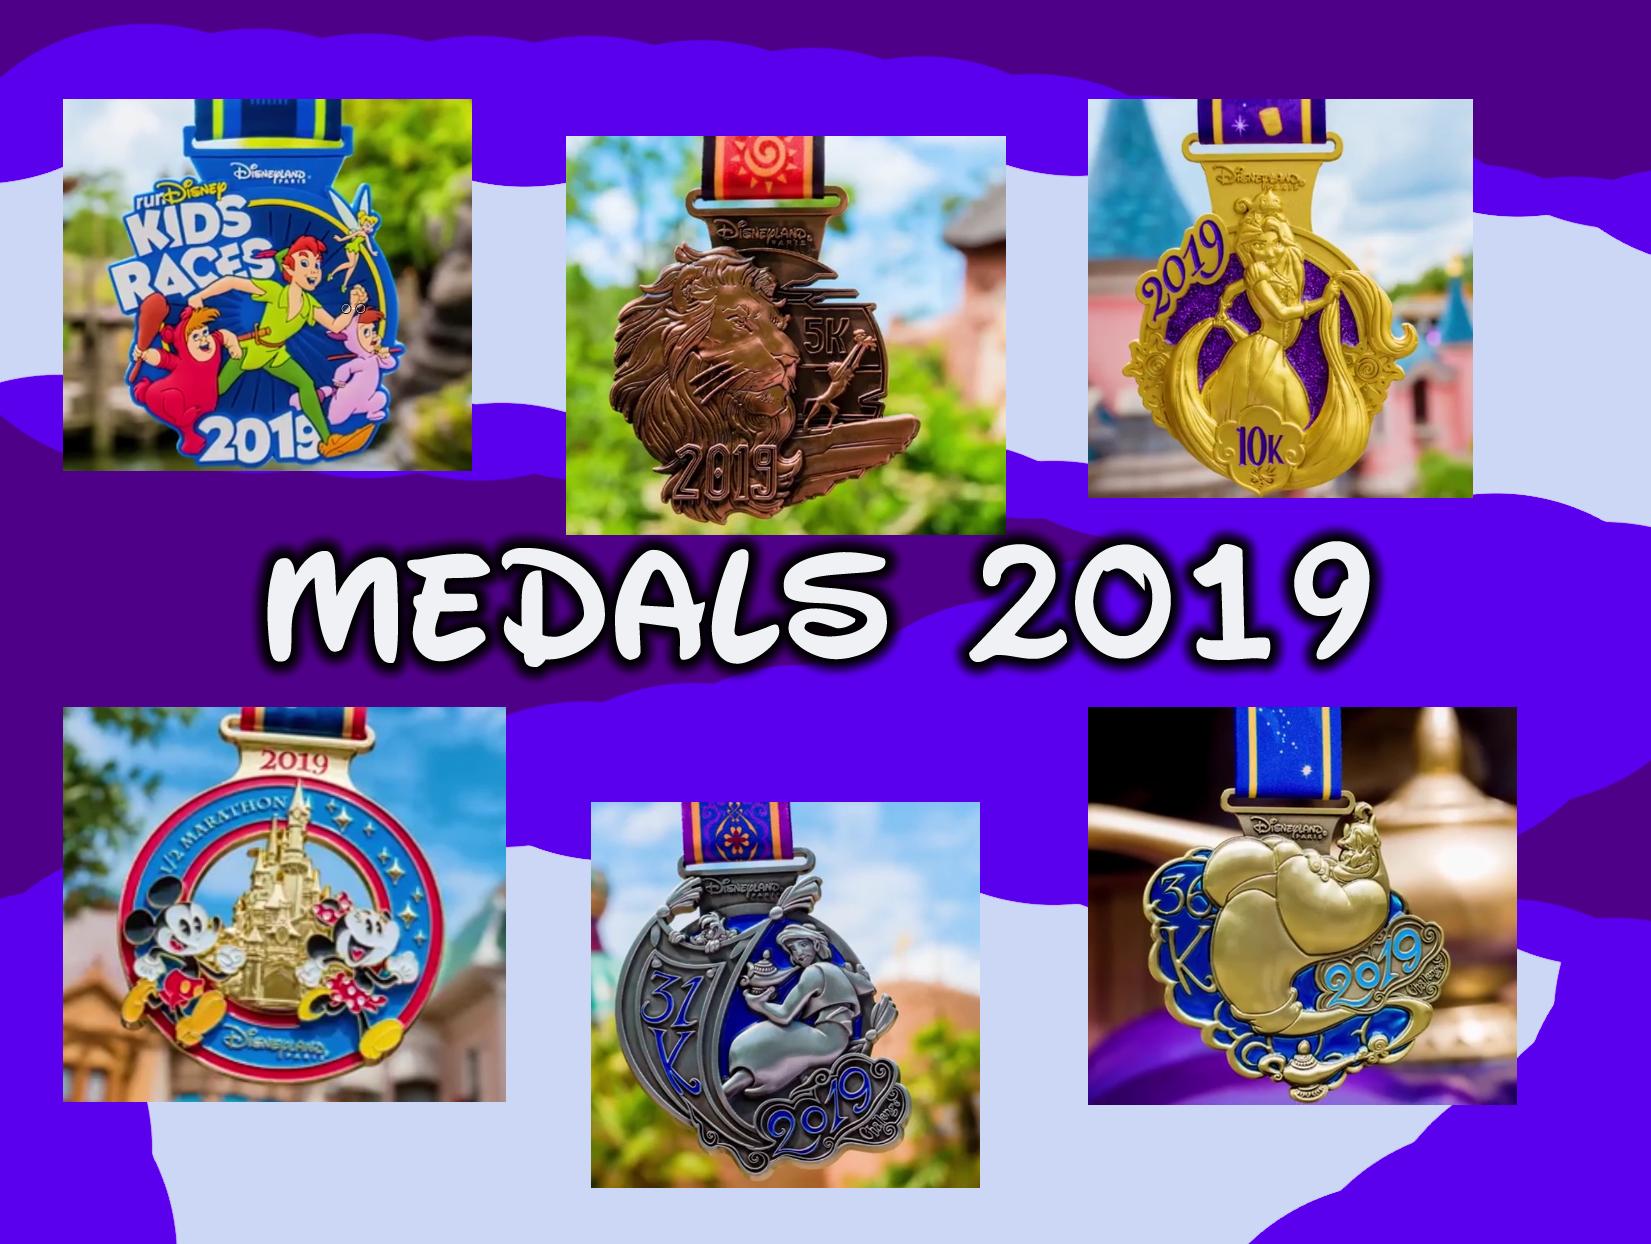 medals2019_1